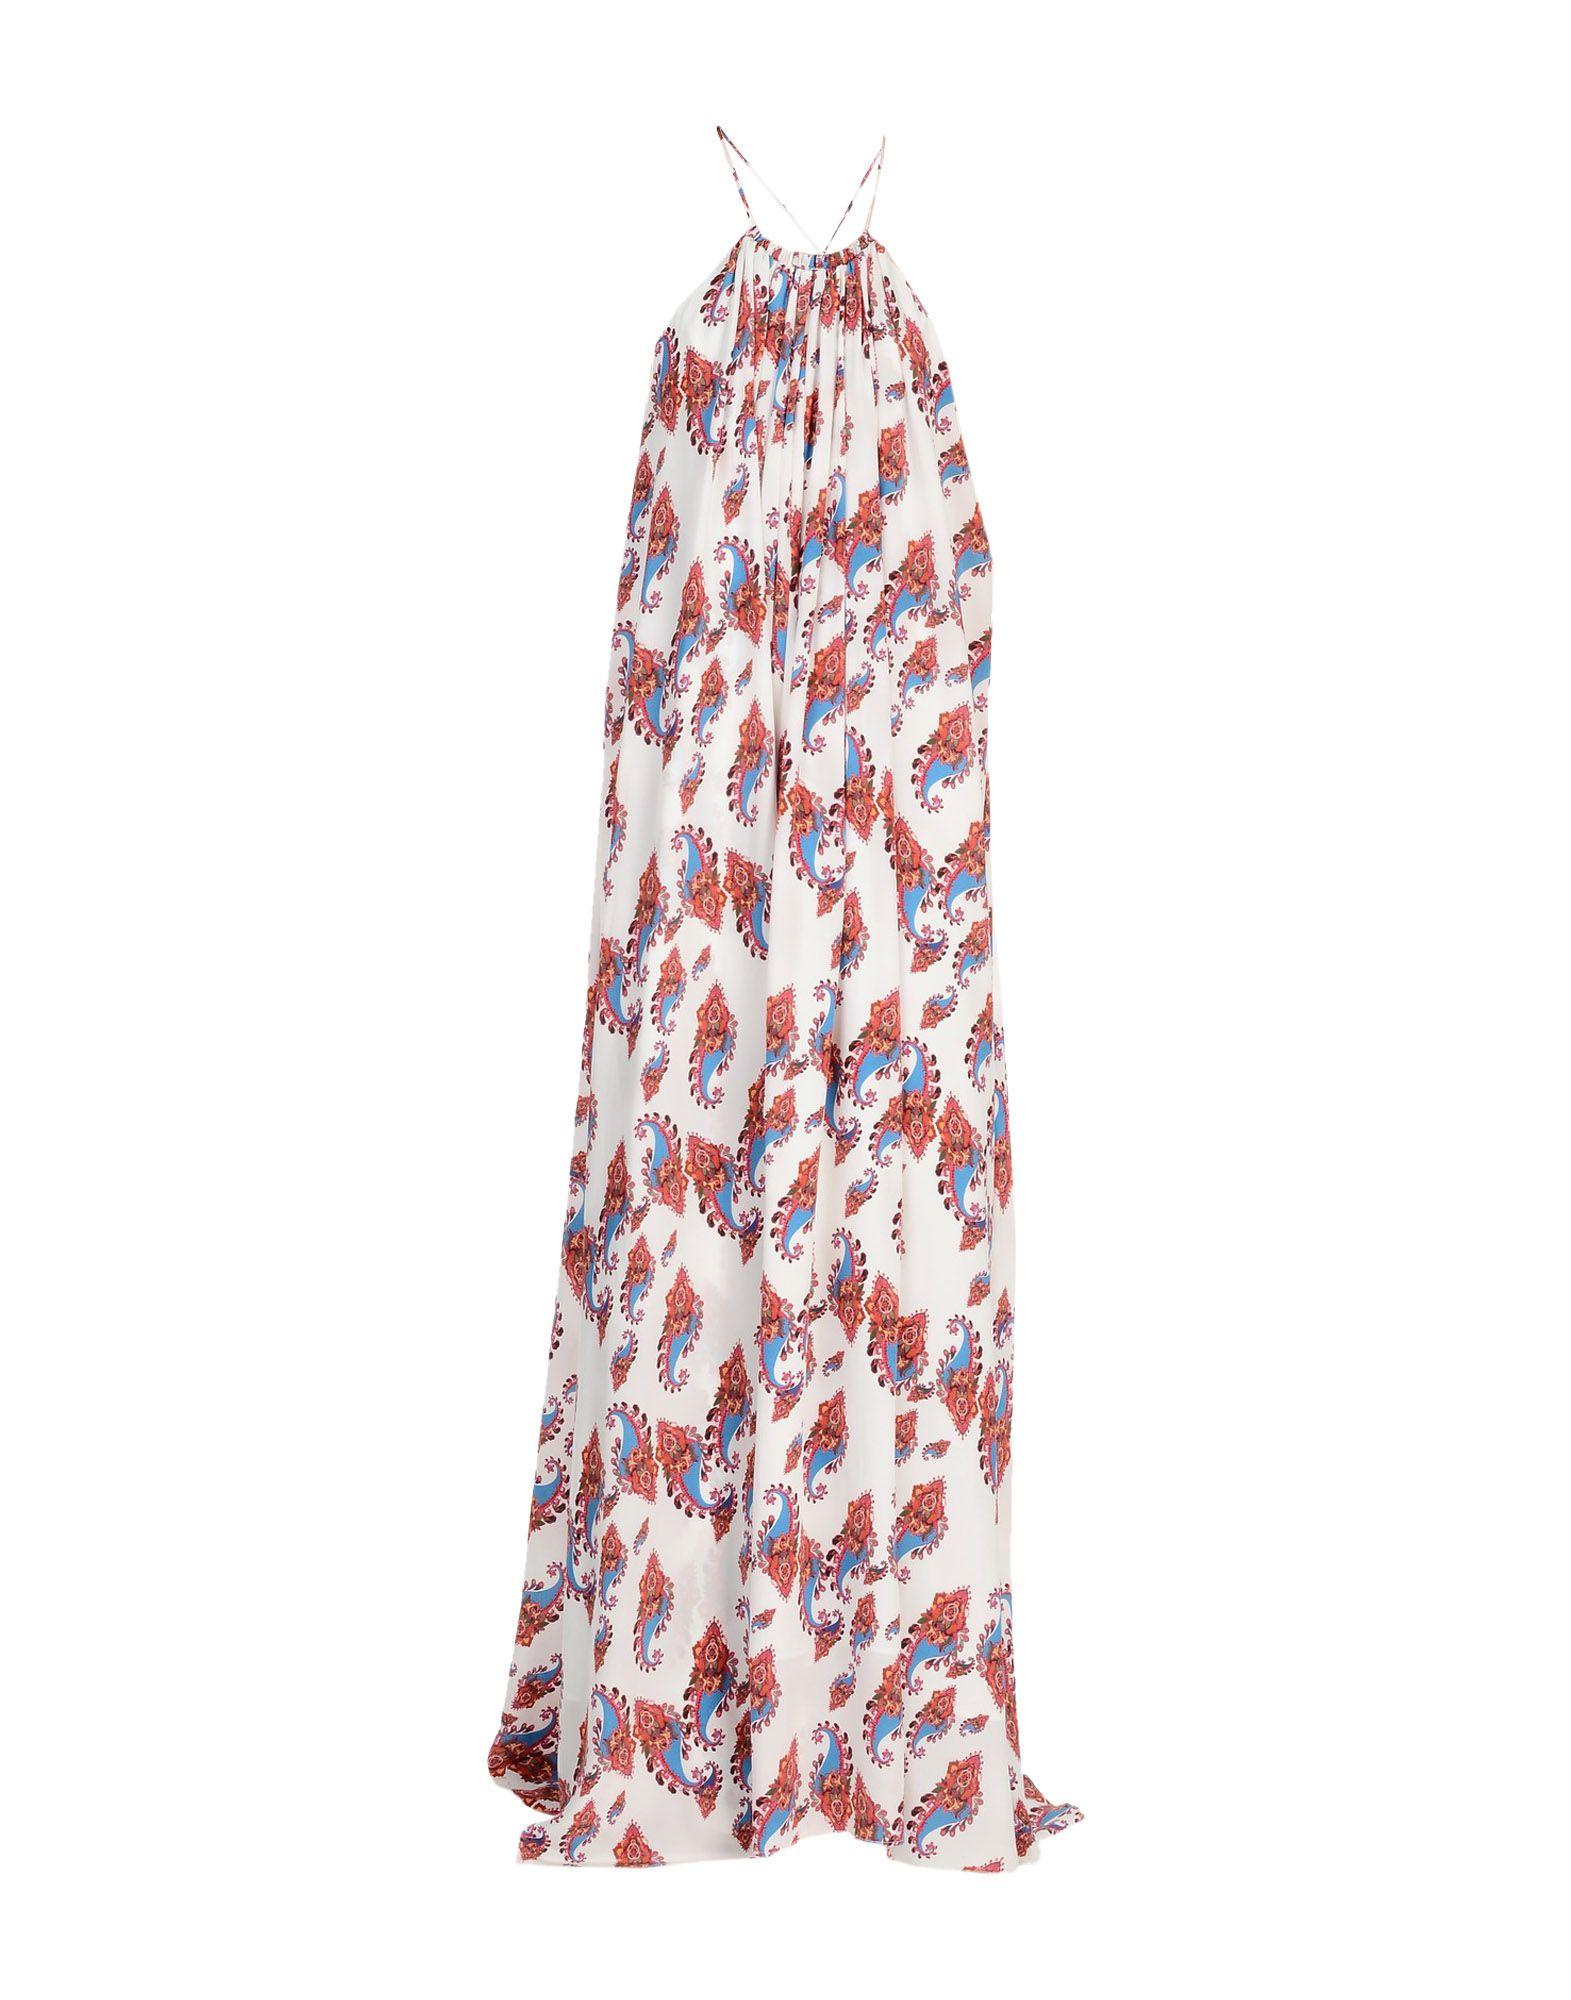 SLY010 Длинное платье sly010 платье до колена